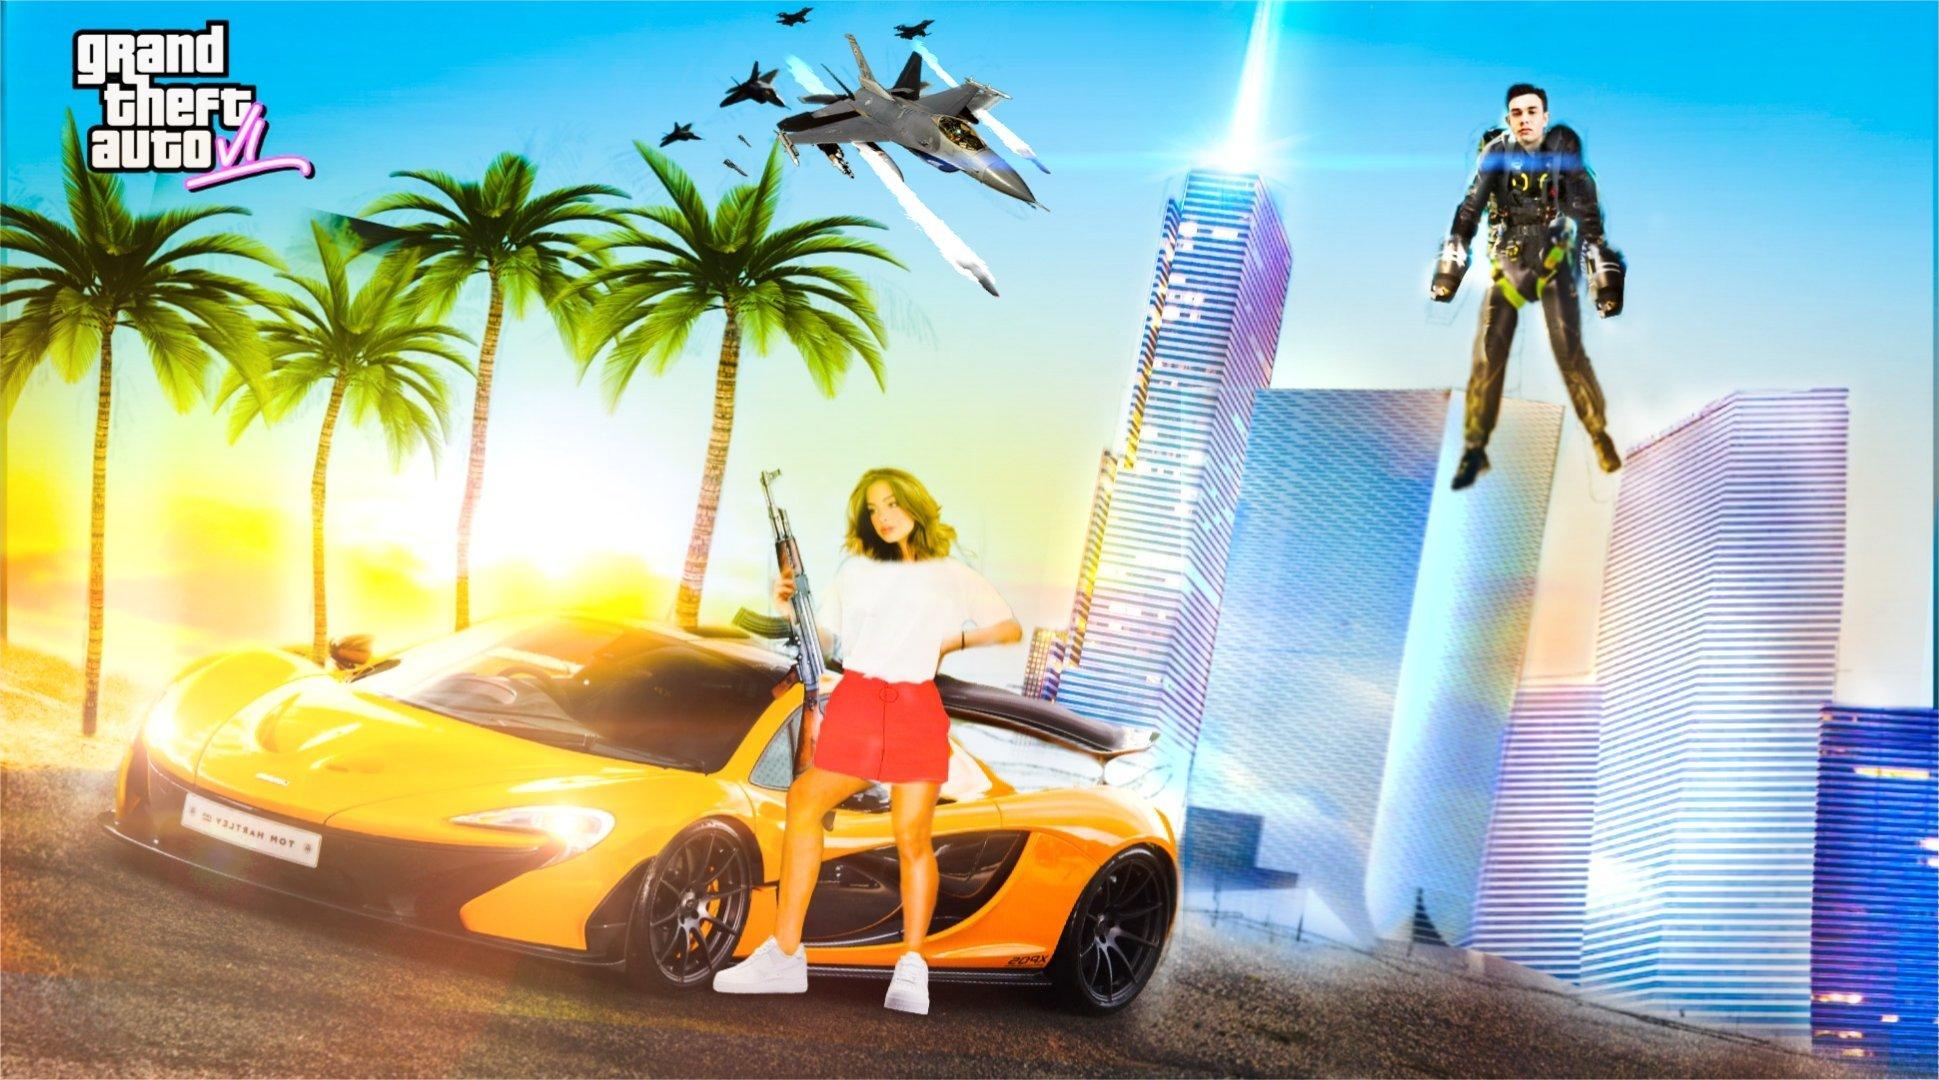 《GTA 6》泄露信息已被多个渠道证实 手绘宣传图公开 游戏资讯 第2张